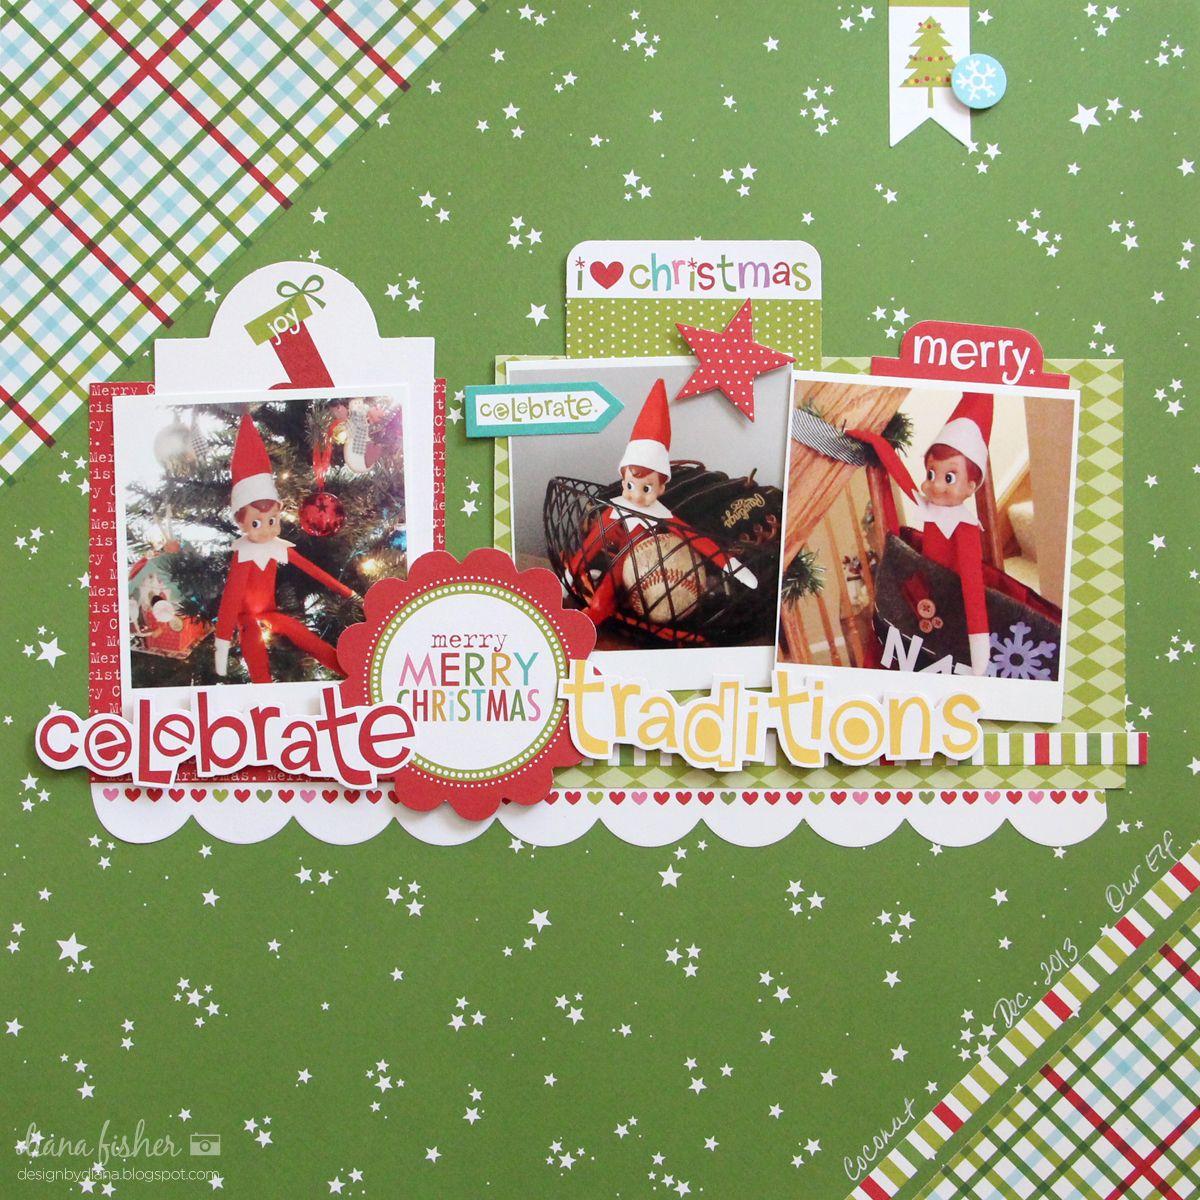 Celebrate Traditions *Bella Blvd* - Scrapbook.com - Scrap the family ...